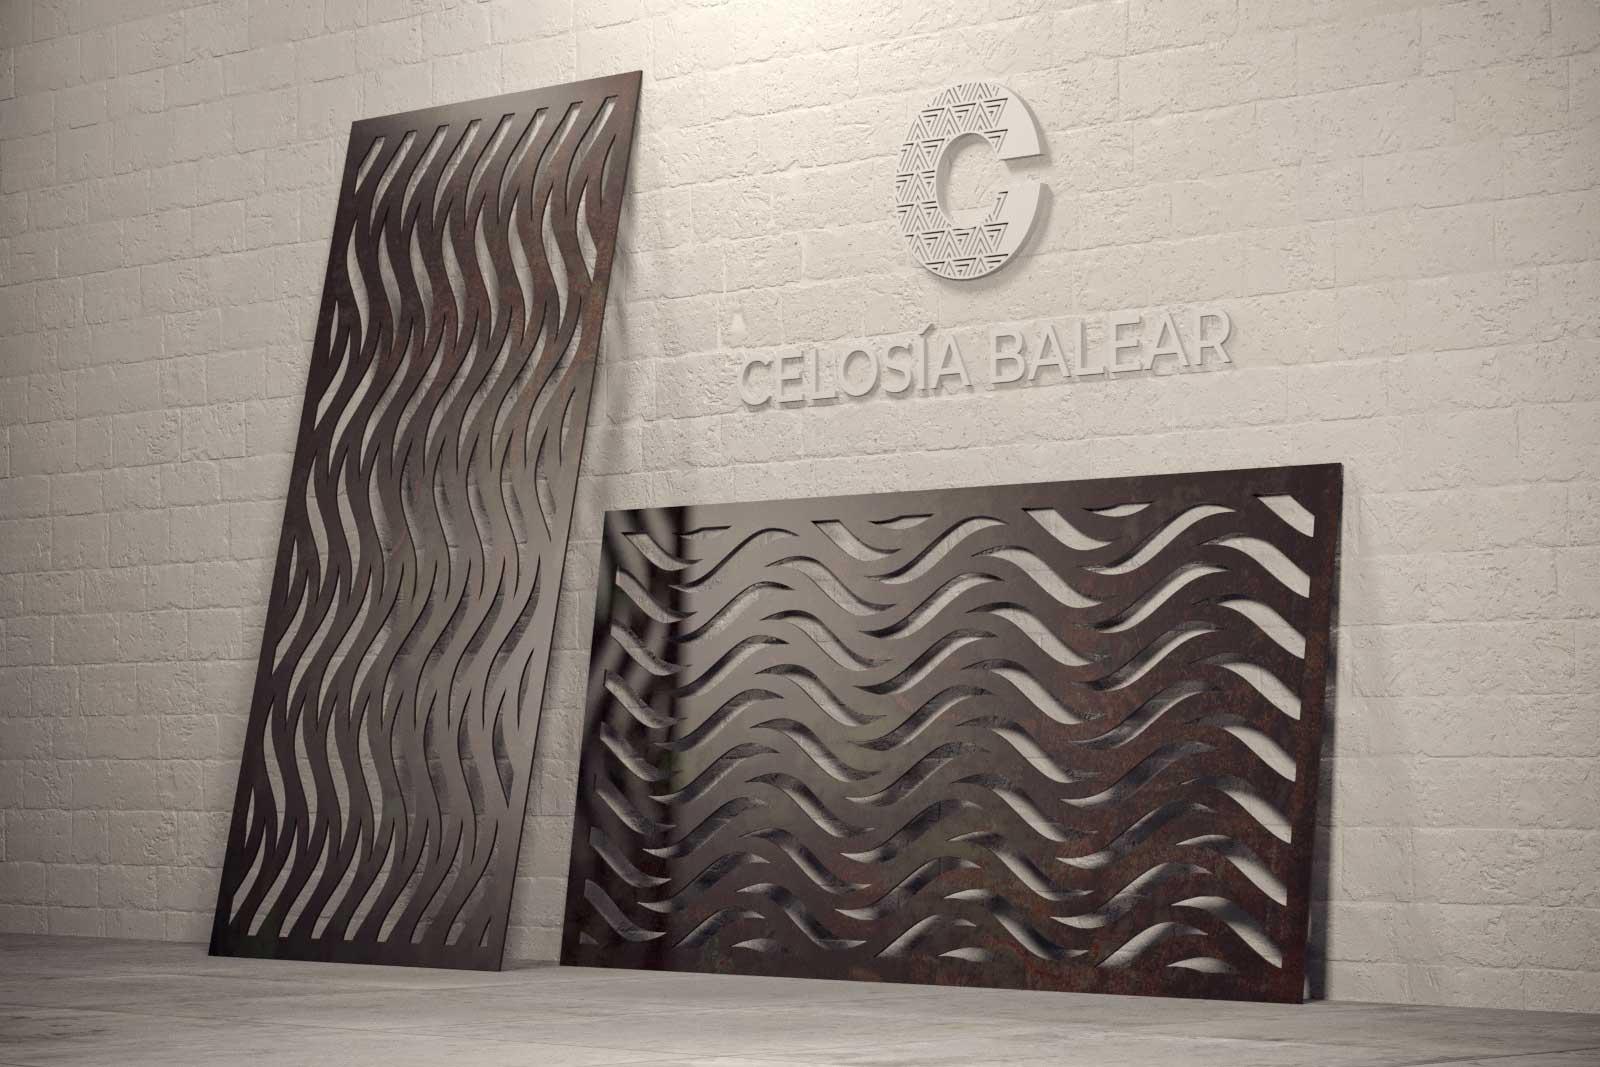 Líneas curvas en una placa de Celosía Balear